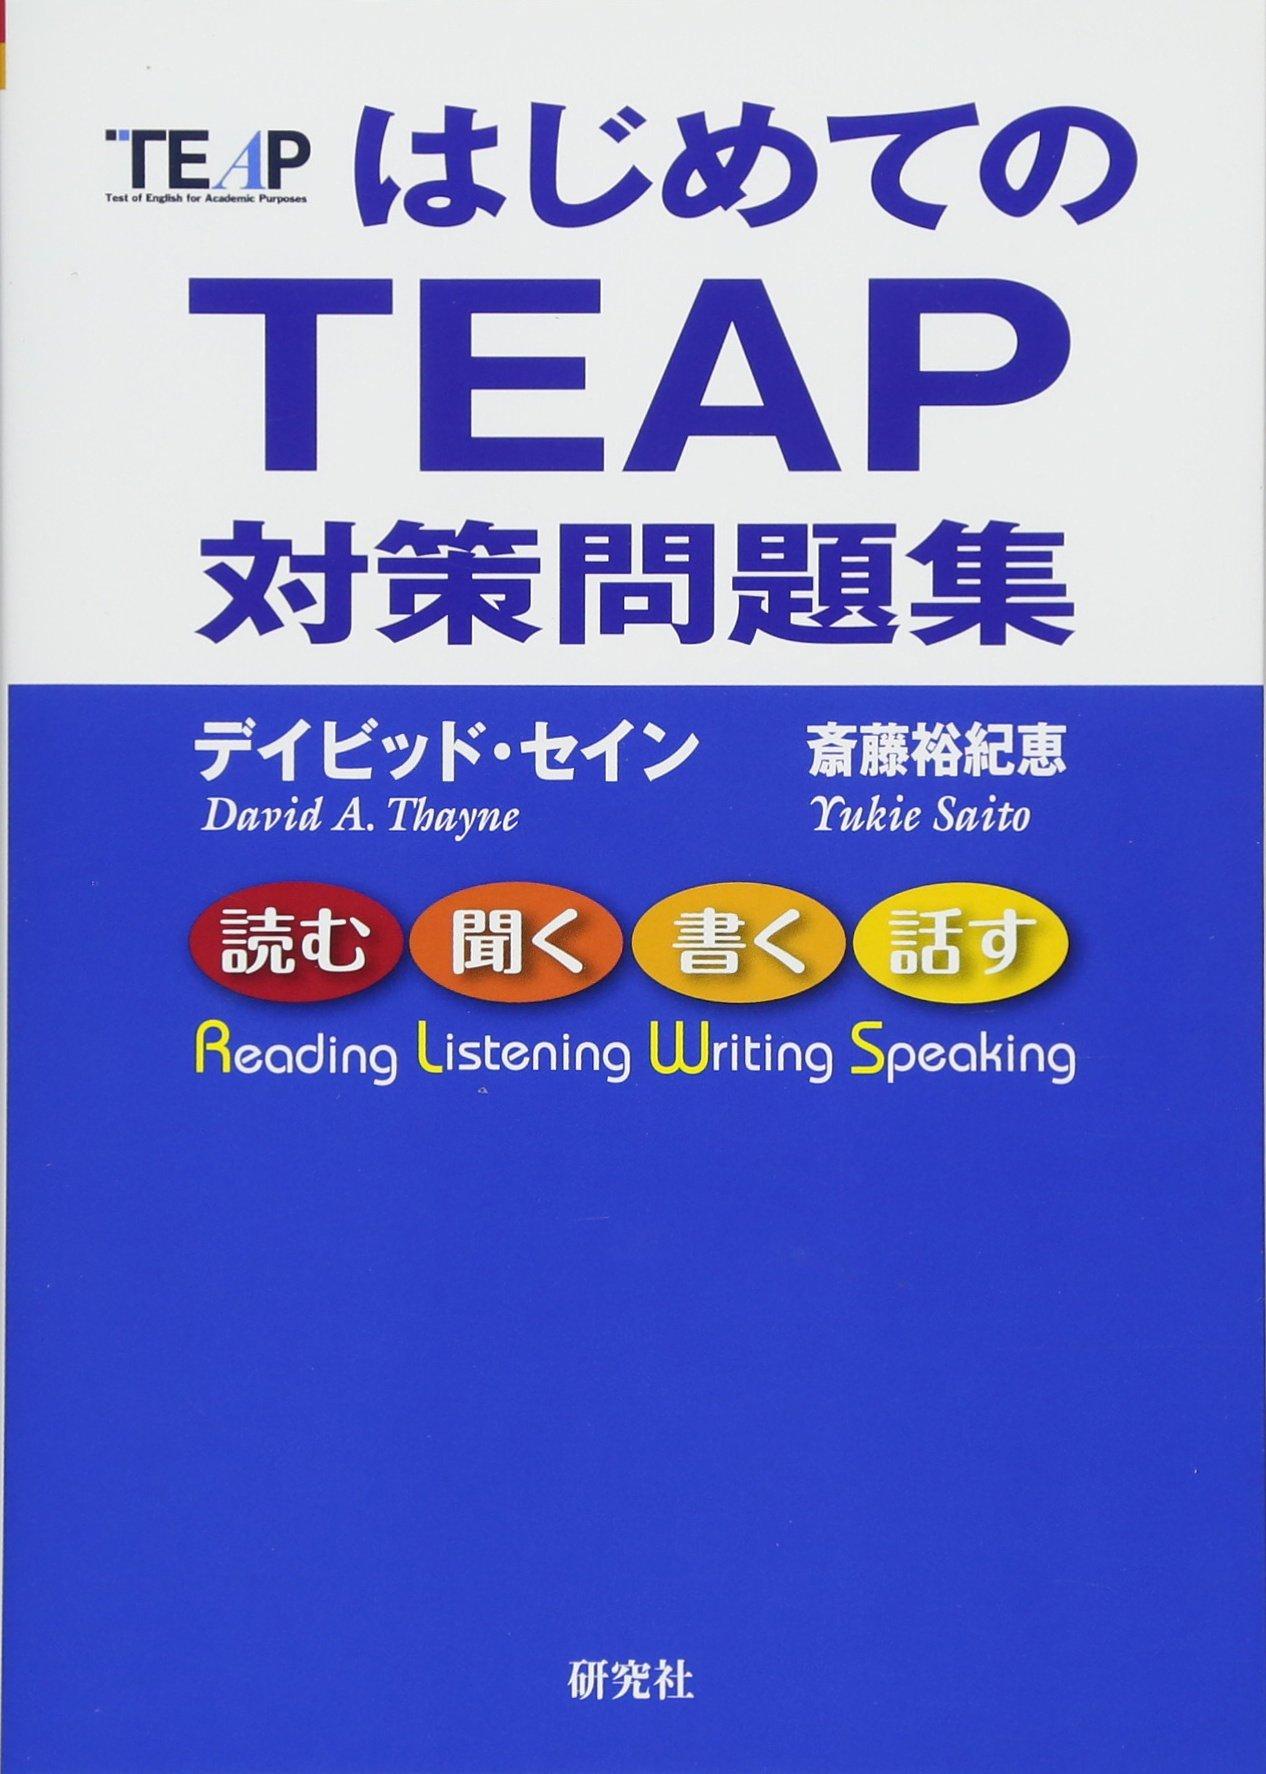 TEAPのおすすめの問題集『はじめてのTEAP 対策問題集』